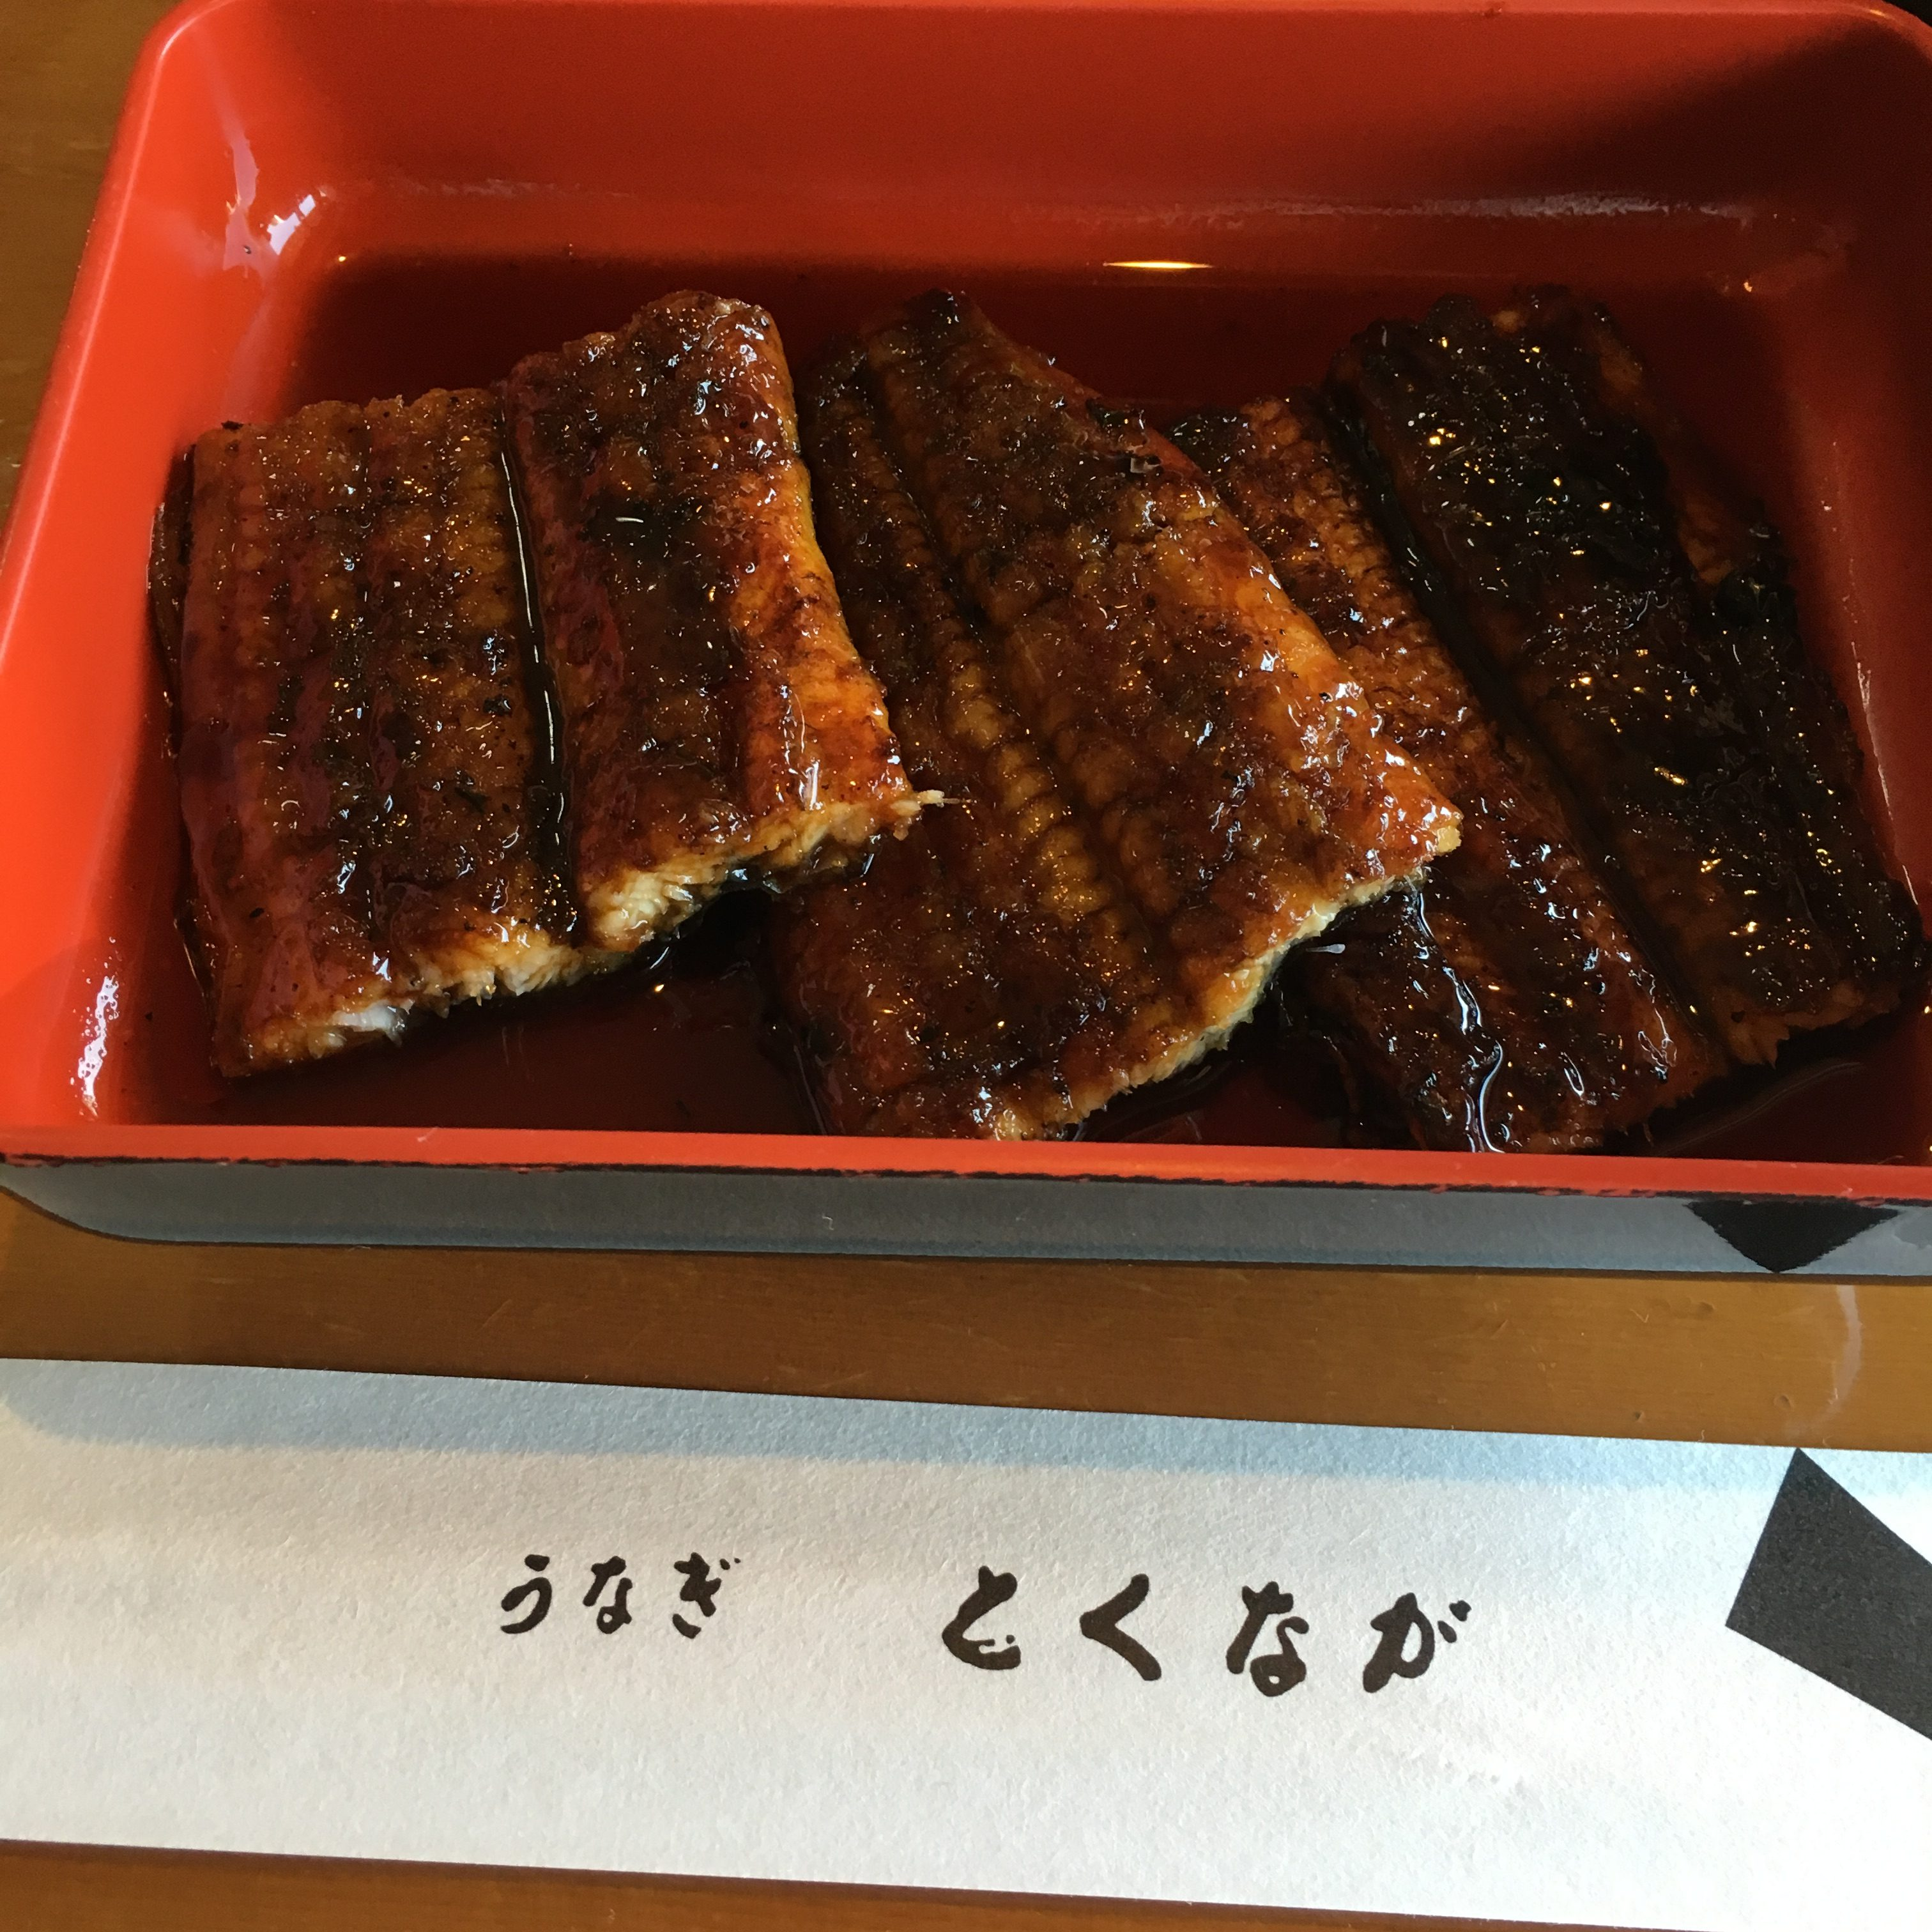 【うなぎのとくなが】熊本で美味しい鰻食べてきた@持ち帰りメニュー